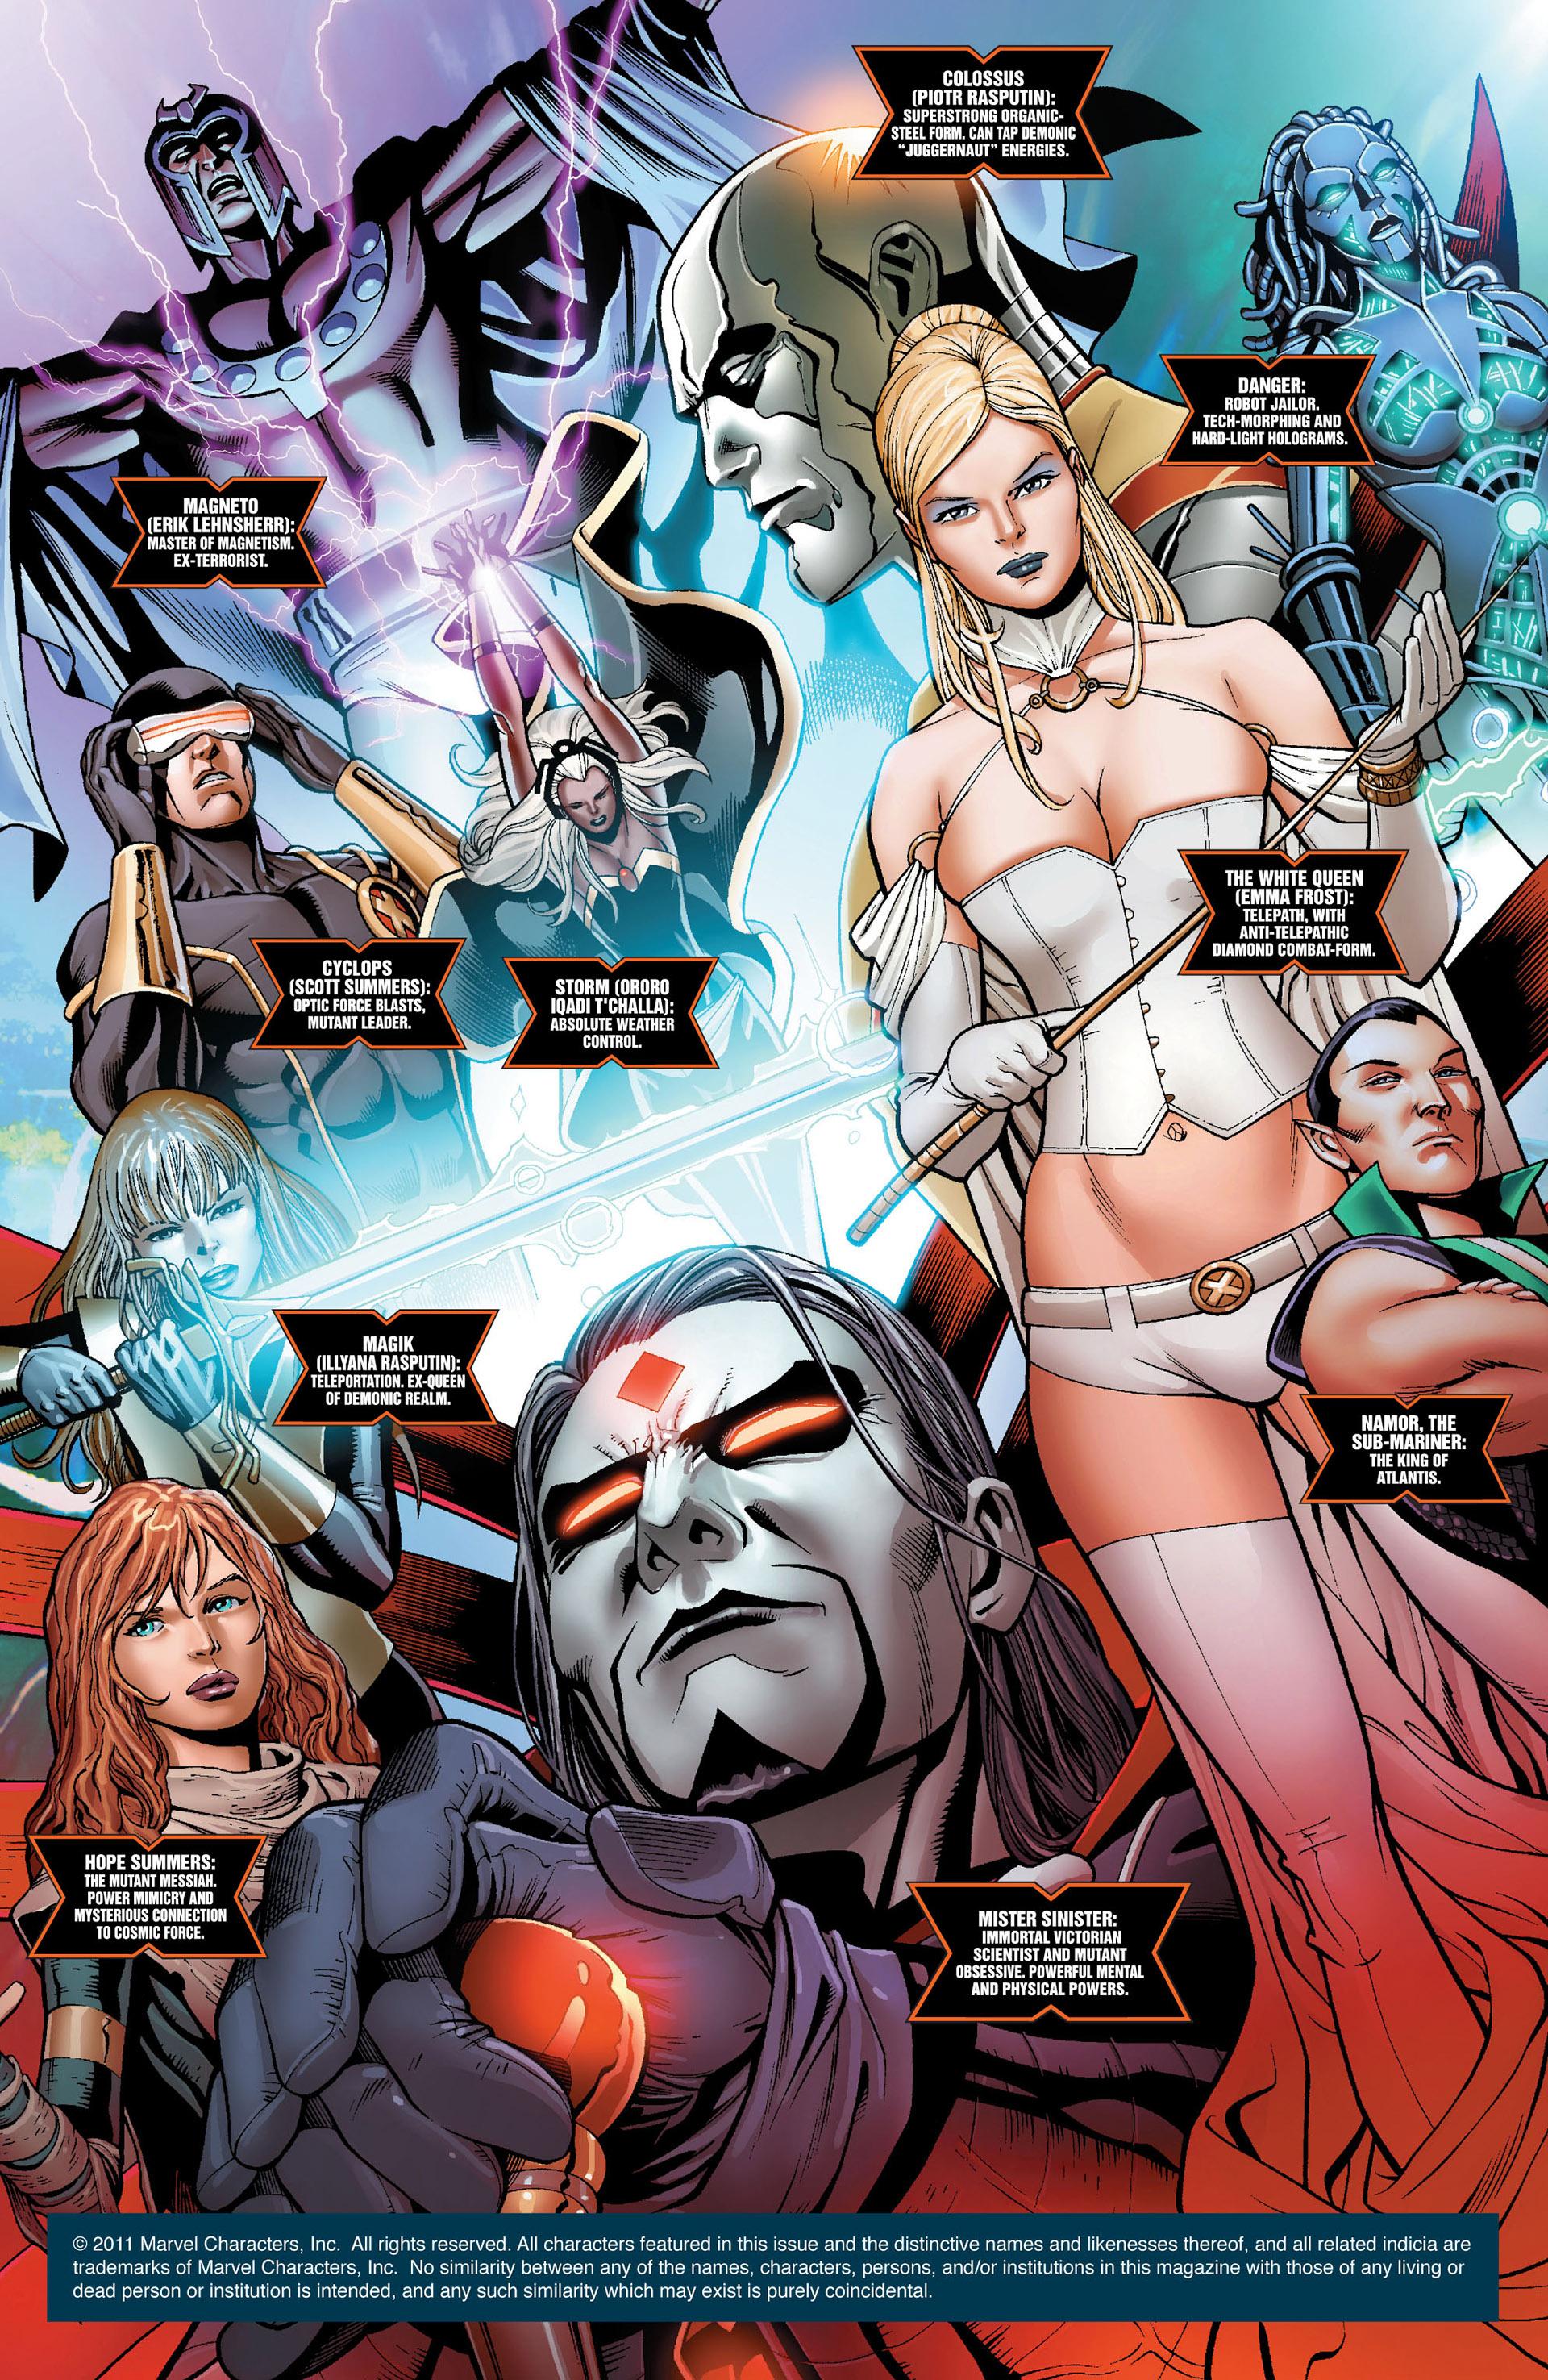 Read online Uncanny X-Men (2012) comic -  Issue #1 - 2